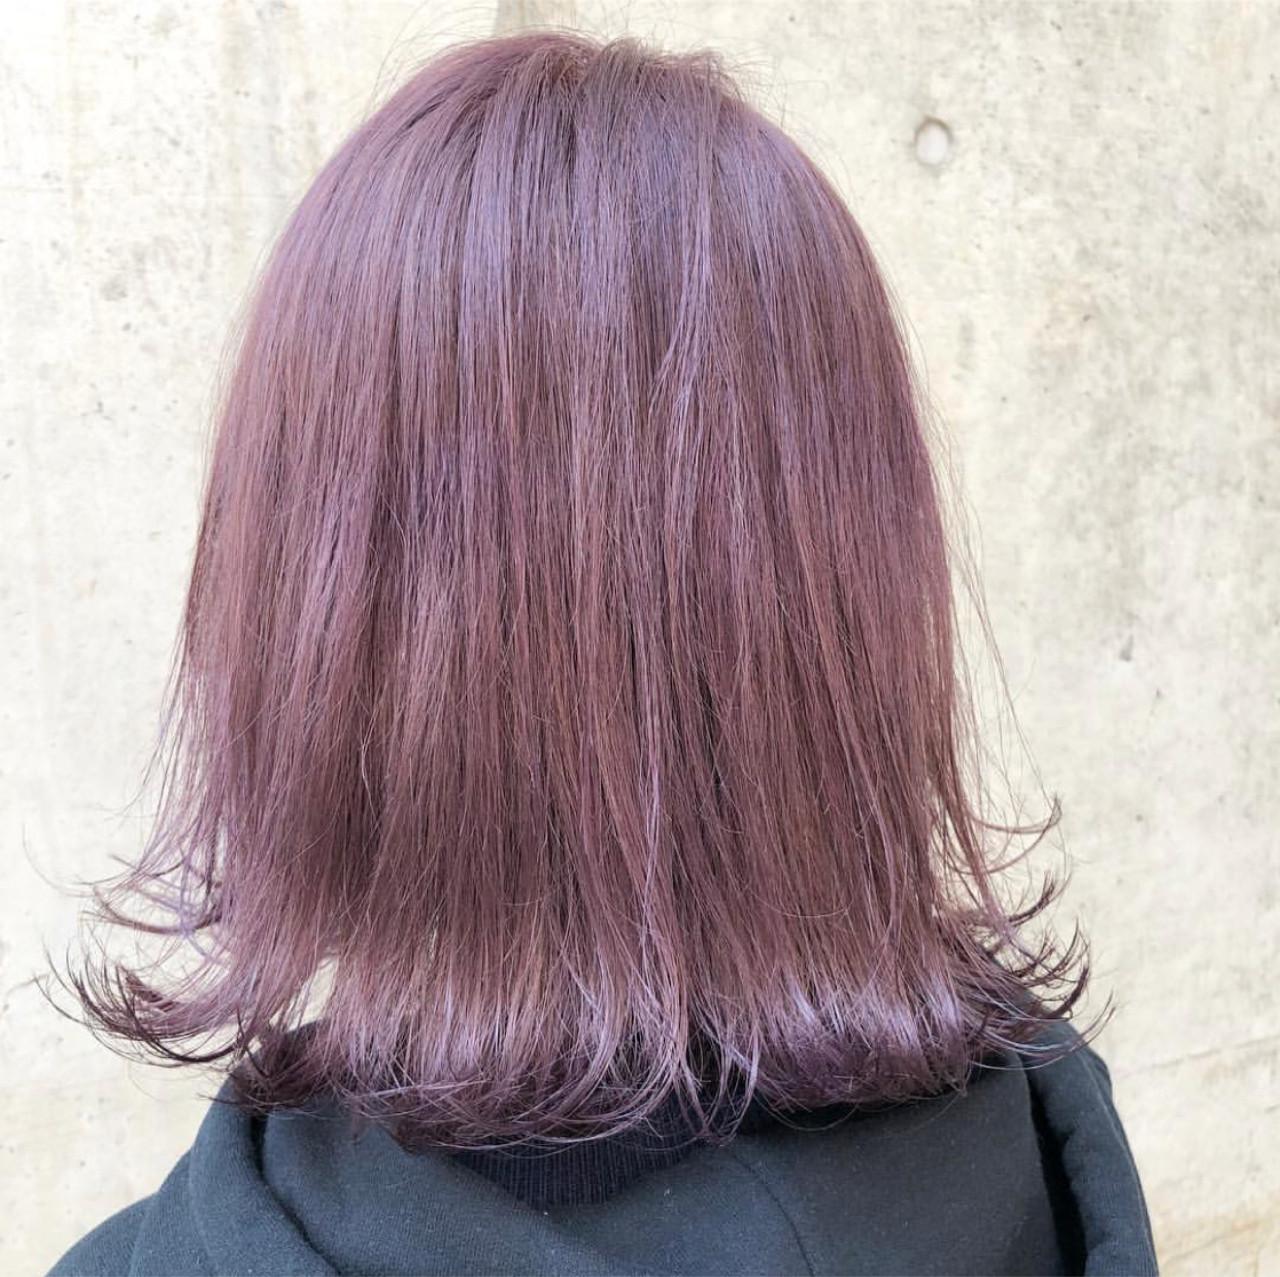 外国人風カラー バレイヤージュ ストリート ラベンダー ヘアスタイルや髪型の写真・画像 | AKANE / LOGUE